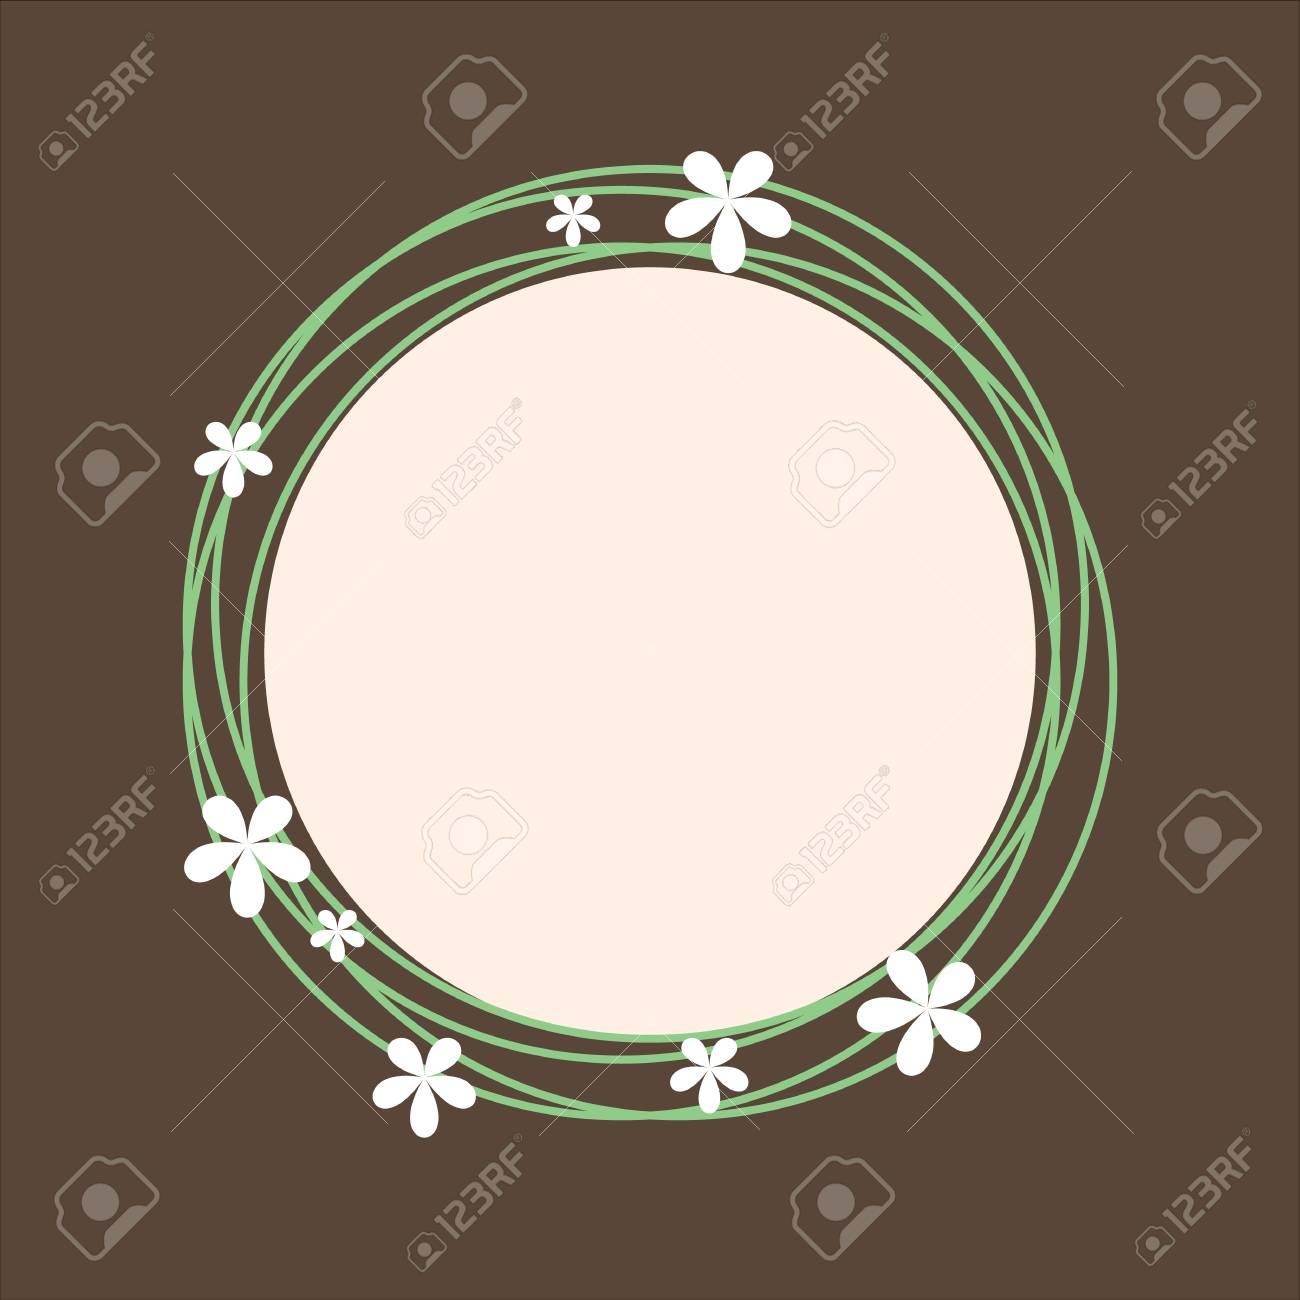 Tema Del Resorte Del Marco Circlular Con Diseño Floral De Tarjetas ...